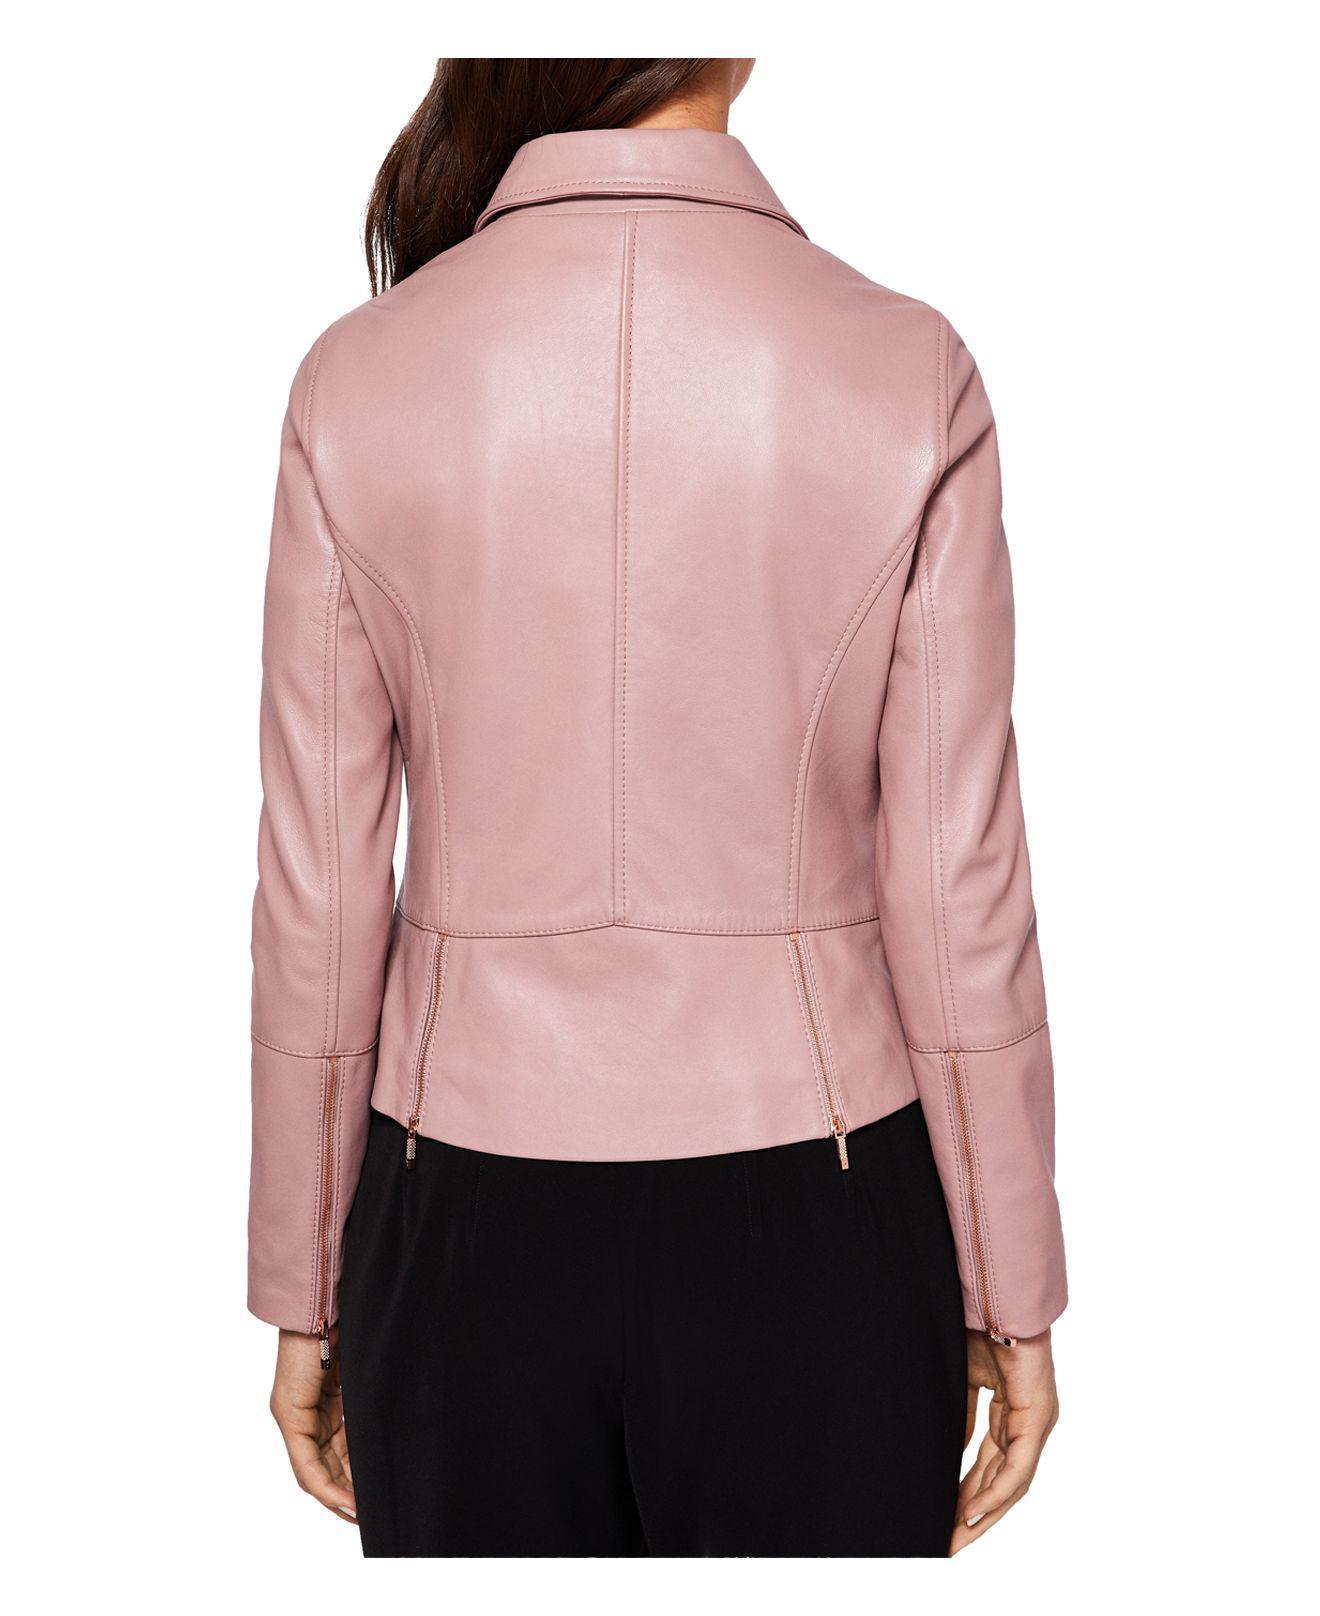 32b1f654a Ted Baker Pink Lizia Leather Biker Jacket